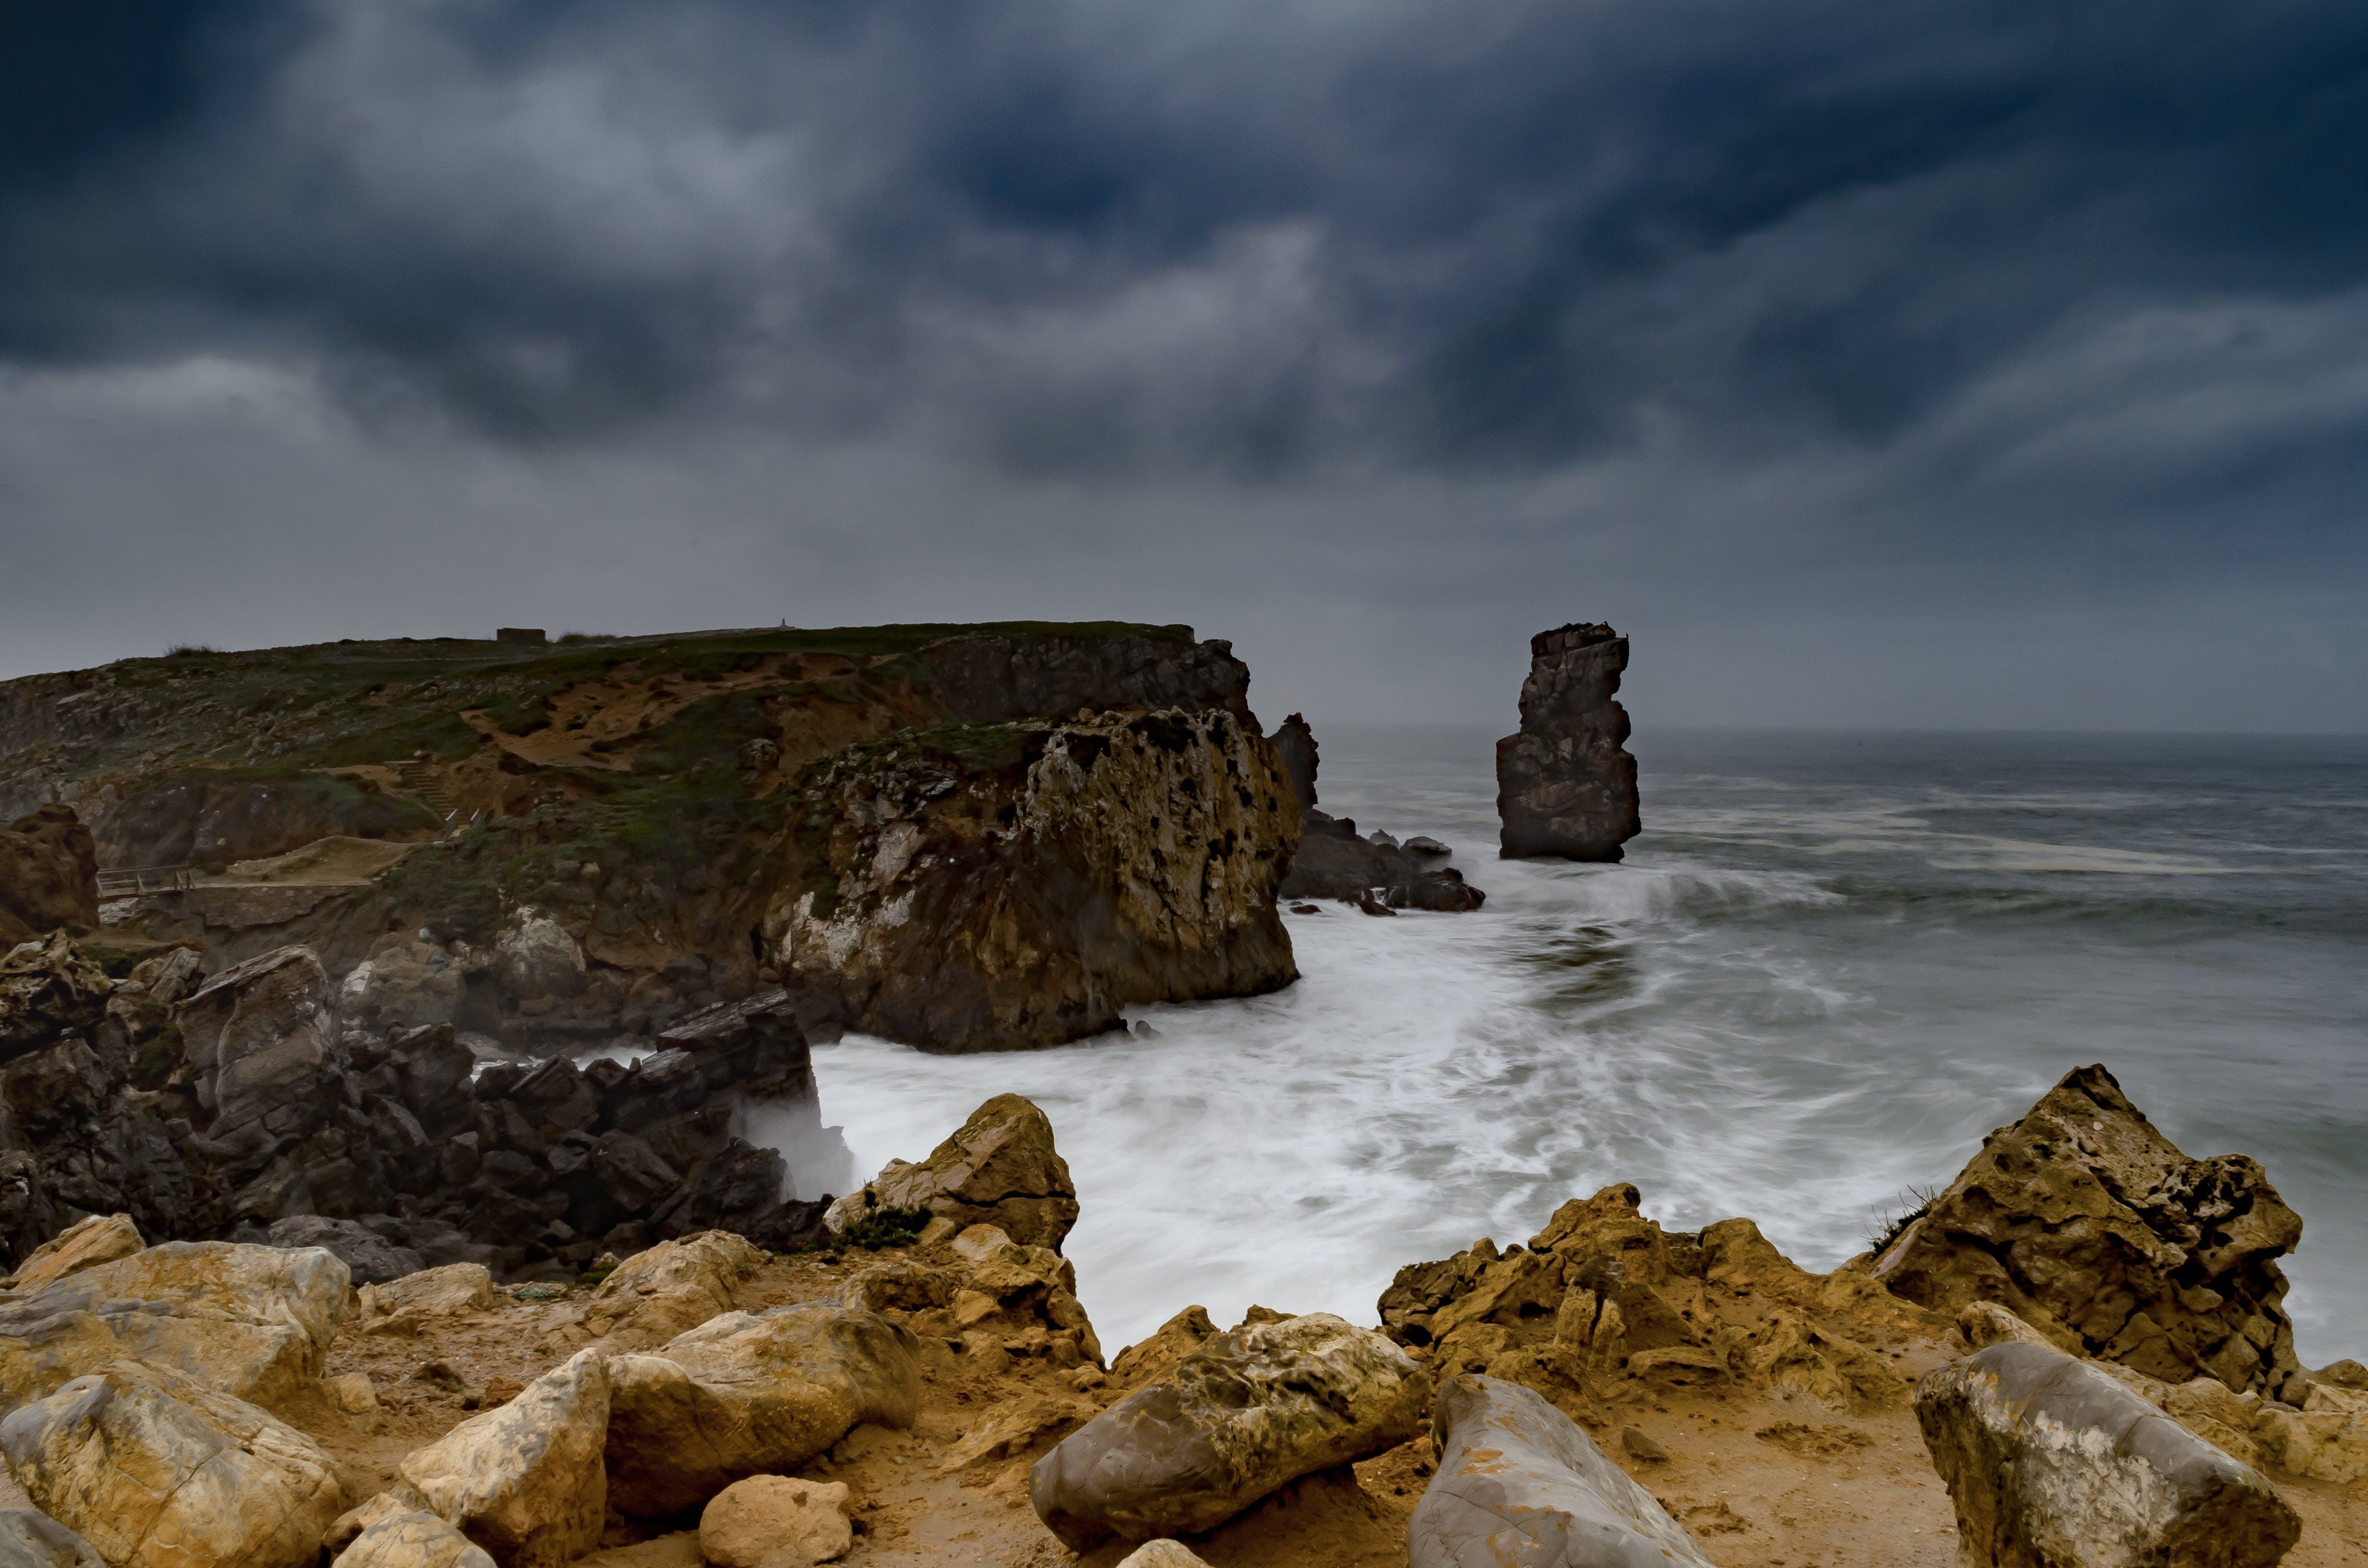 Free stock photo of sea, ocean, coast, seascape